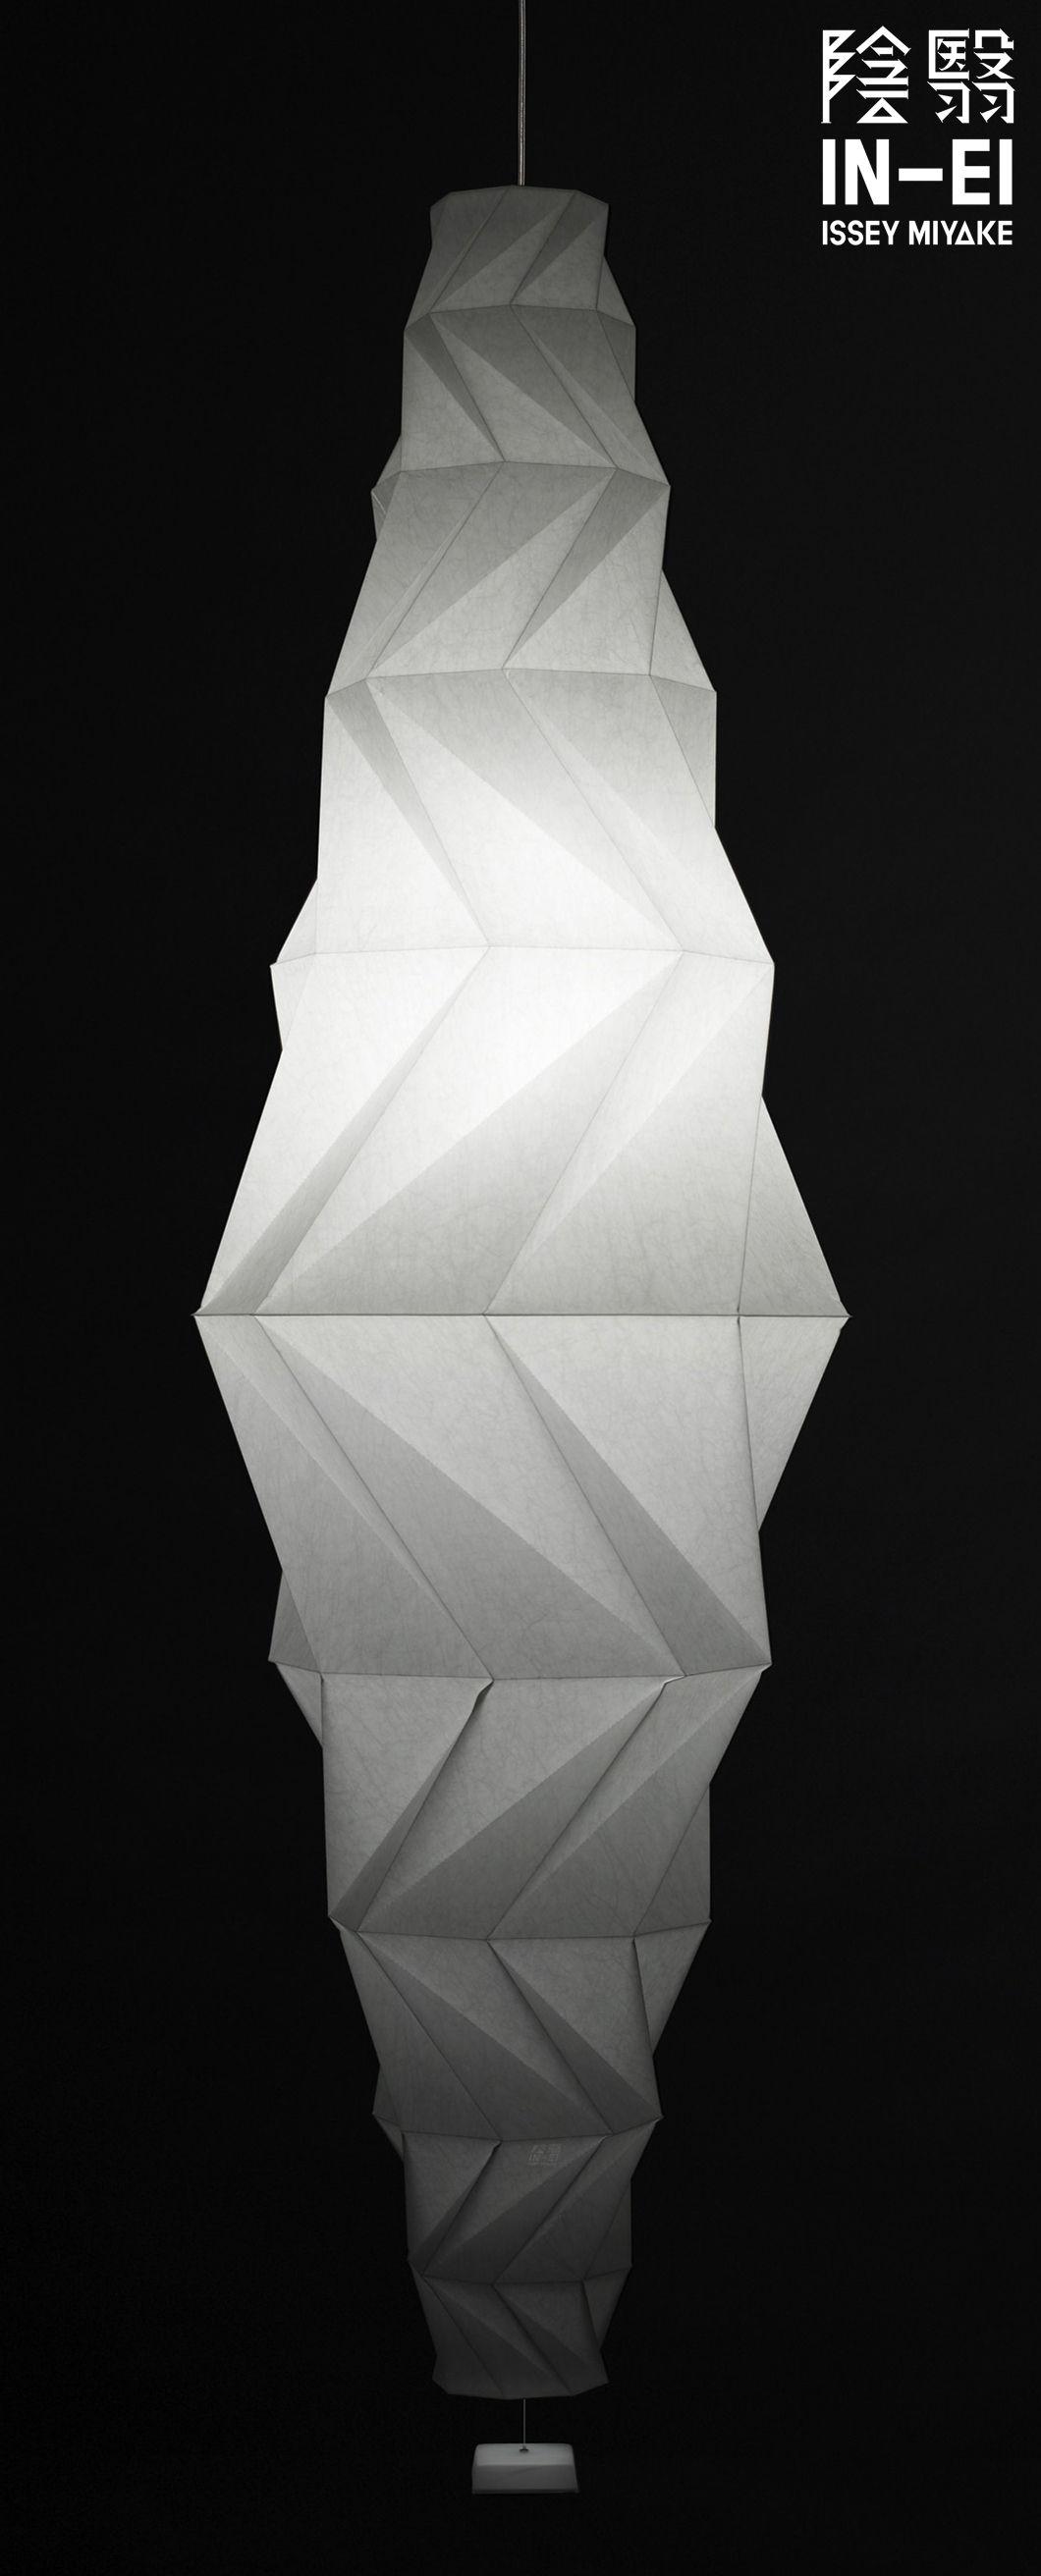 Leuchten - Pendelleuchten - IN-EI Minomushi LED Pendelleuchte / Ø 62 cm x H 195 cm - Artemide - Weiß - Recycelte PET-Faser